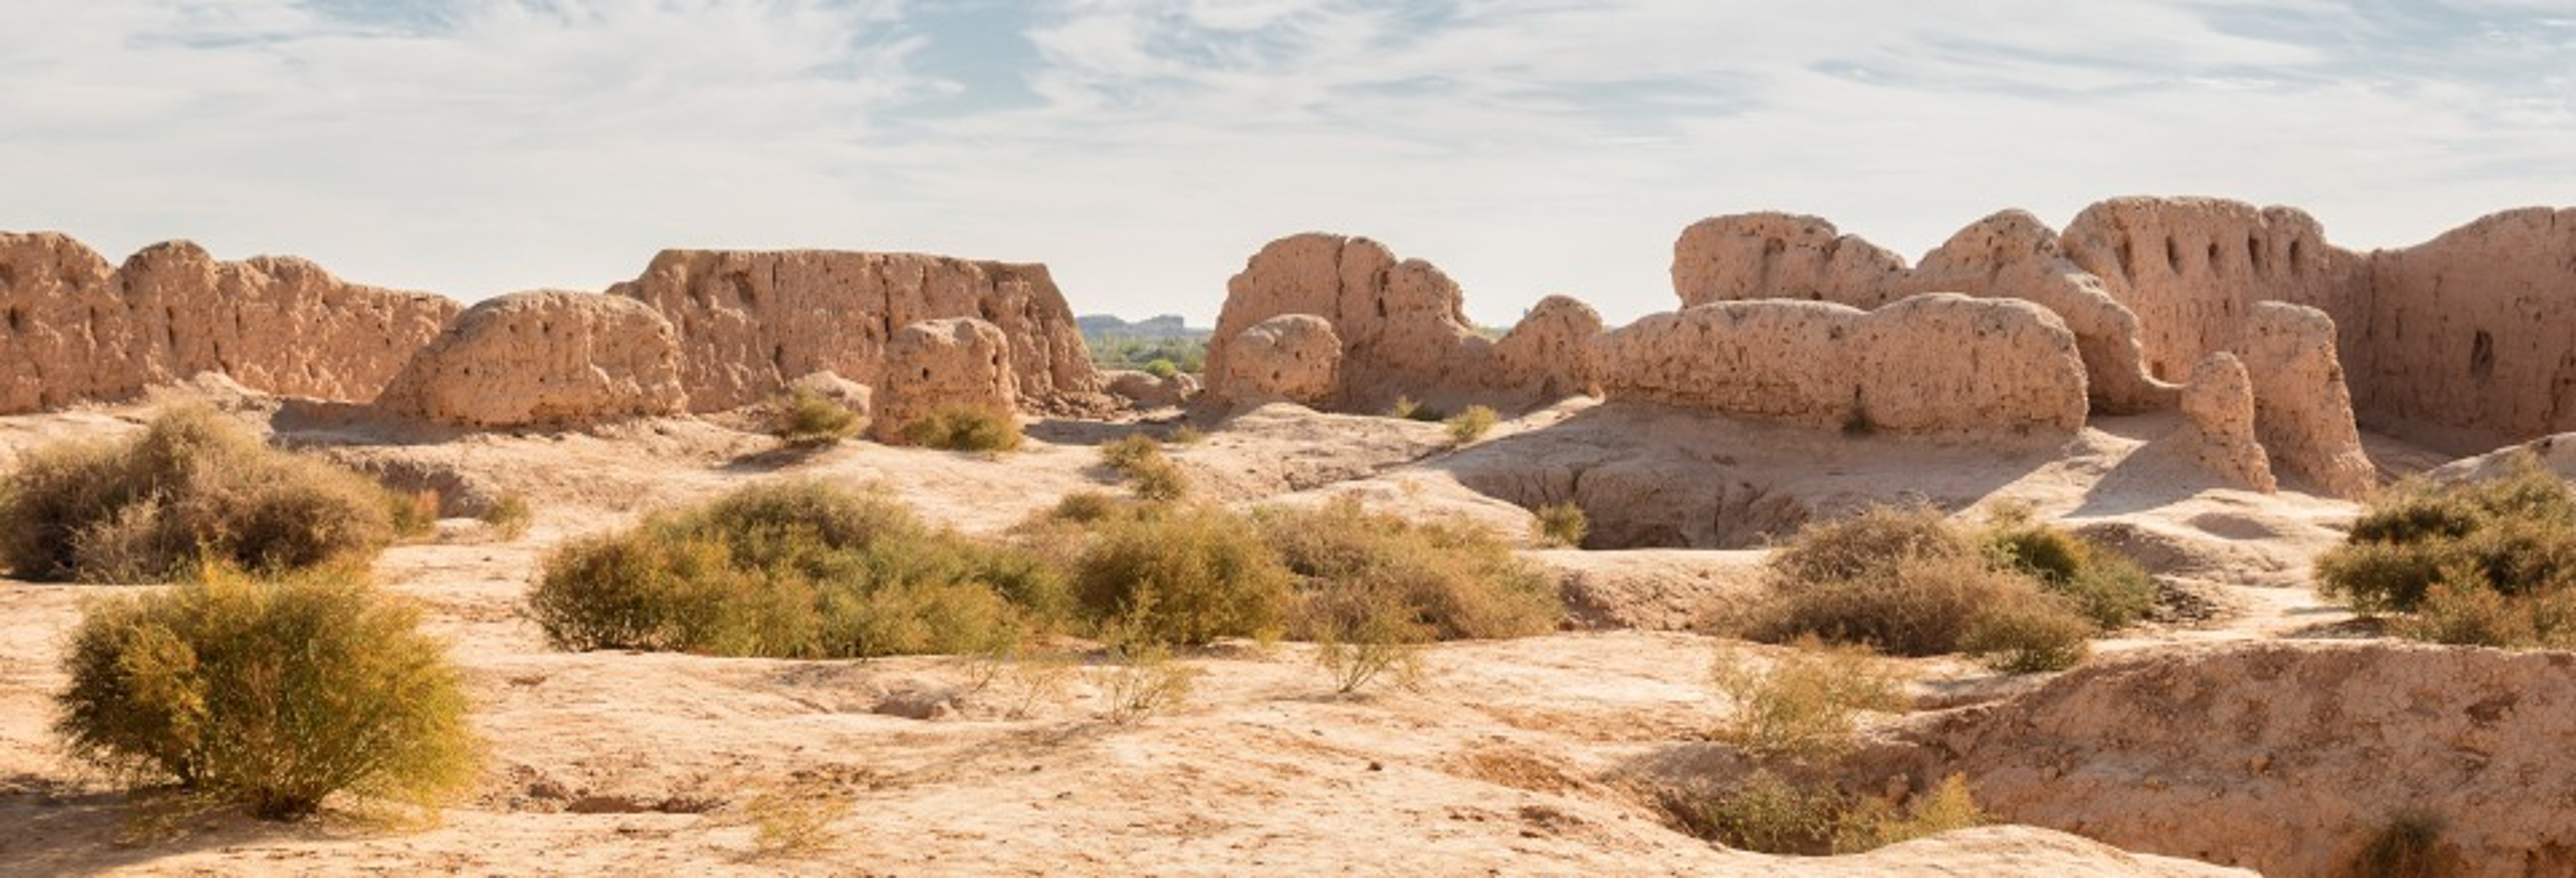 Tour privado de 2 dias pelo deserto Kyzyl Kum